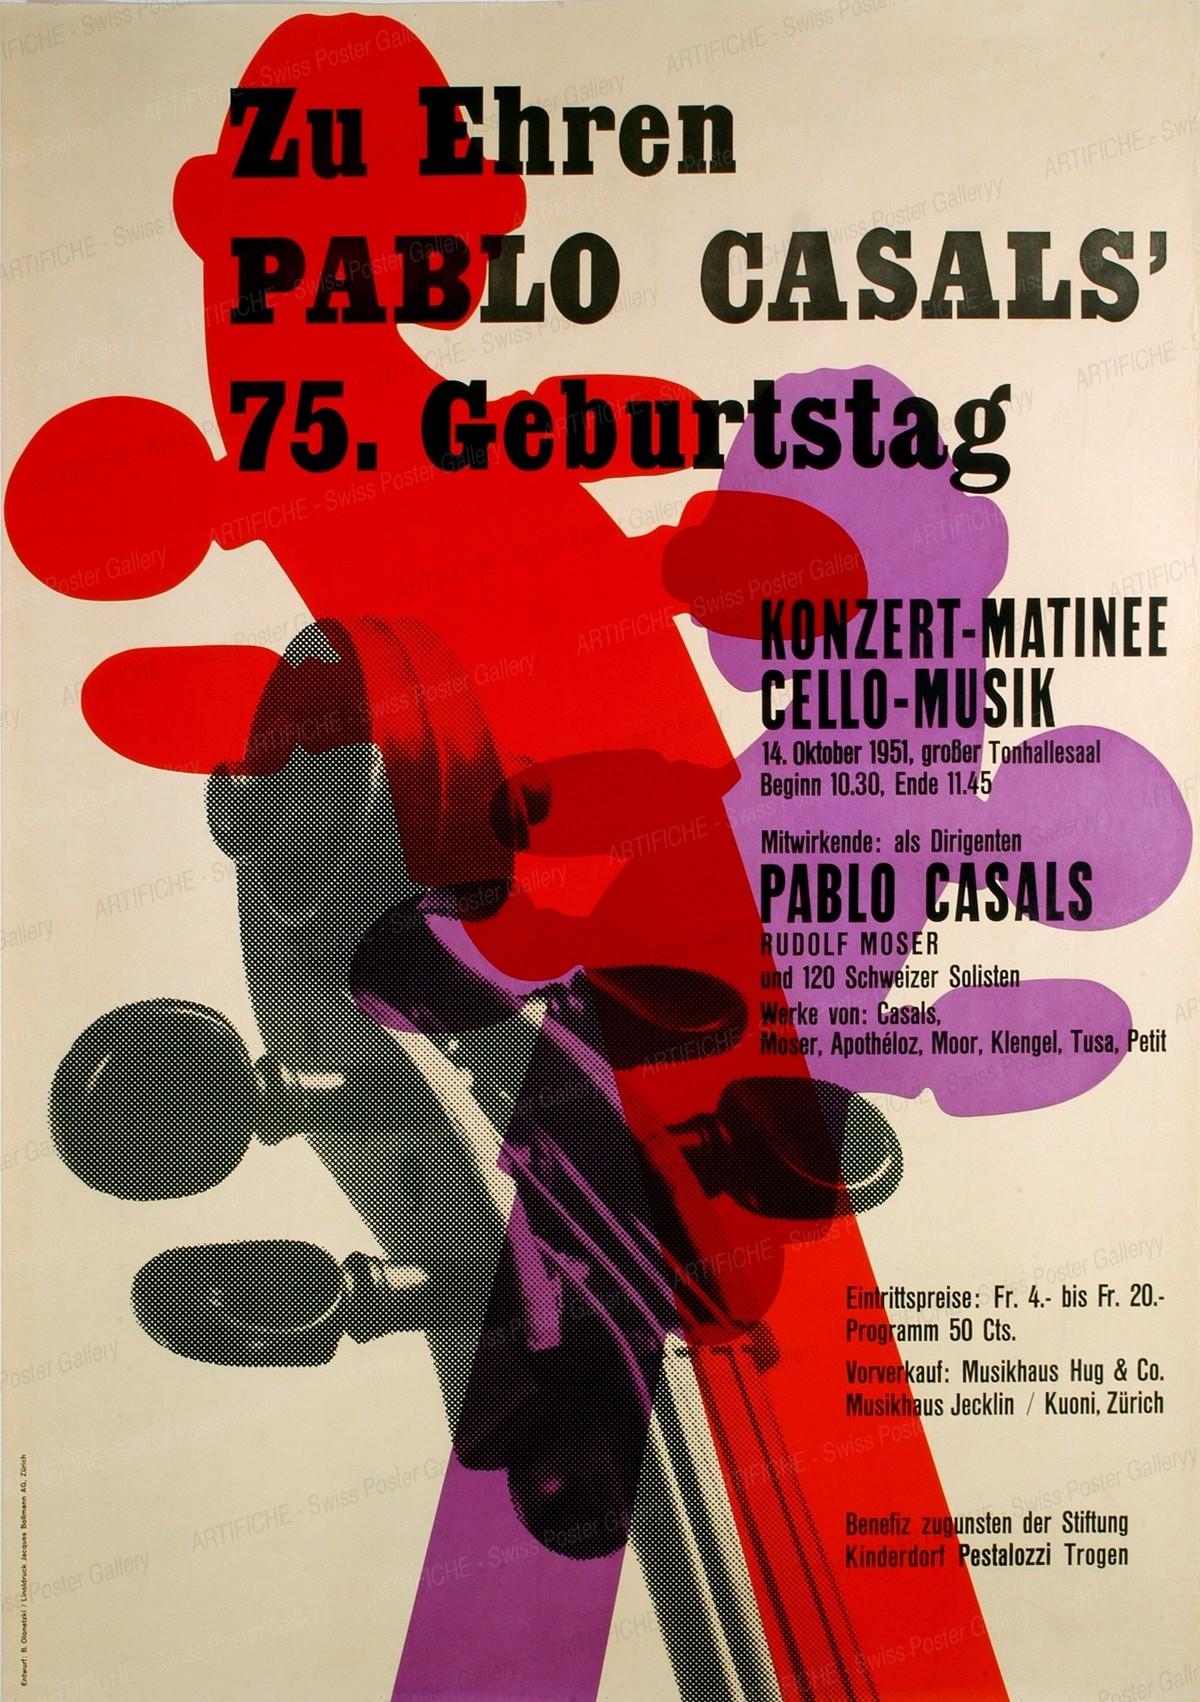 Zu Ehren Pablo Casals 75. Geburtstag, Beni Olonetzki